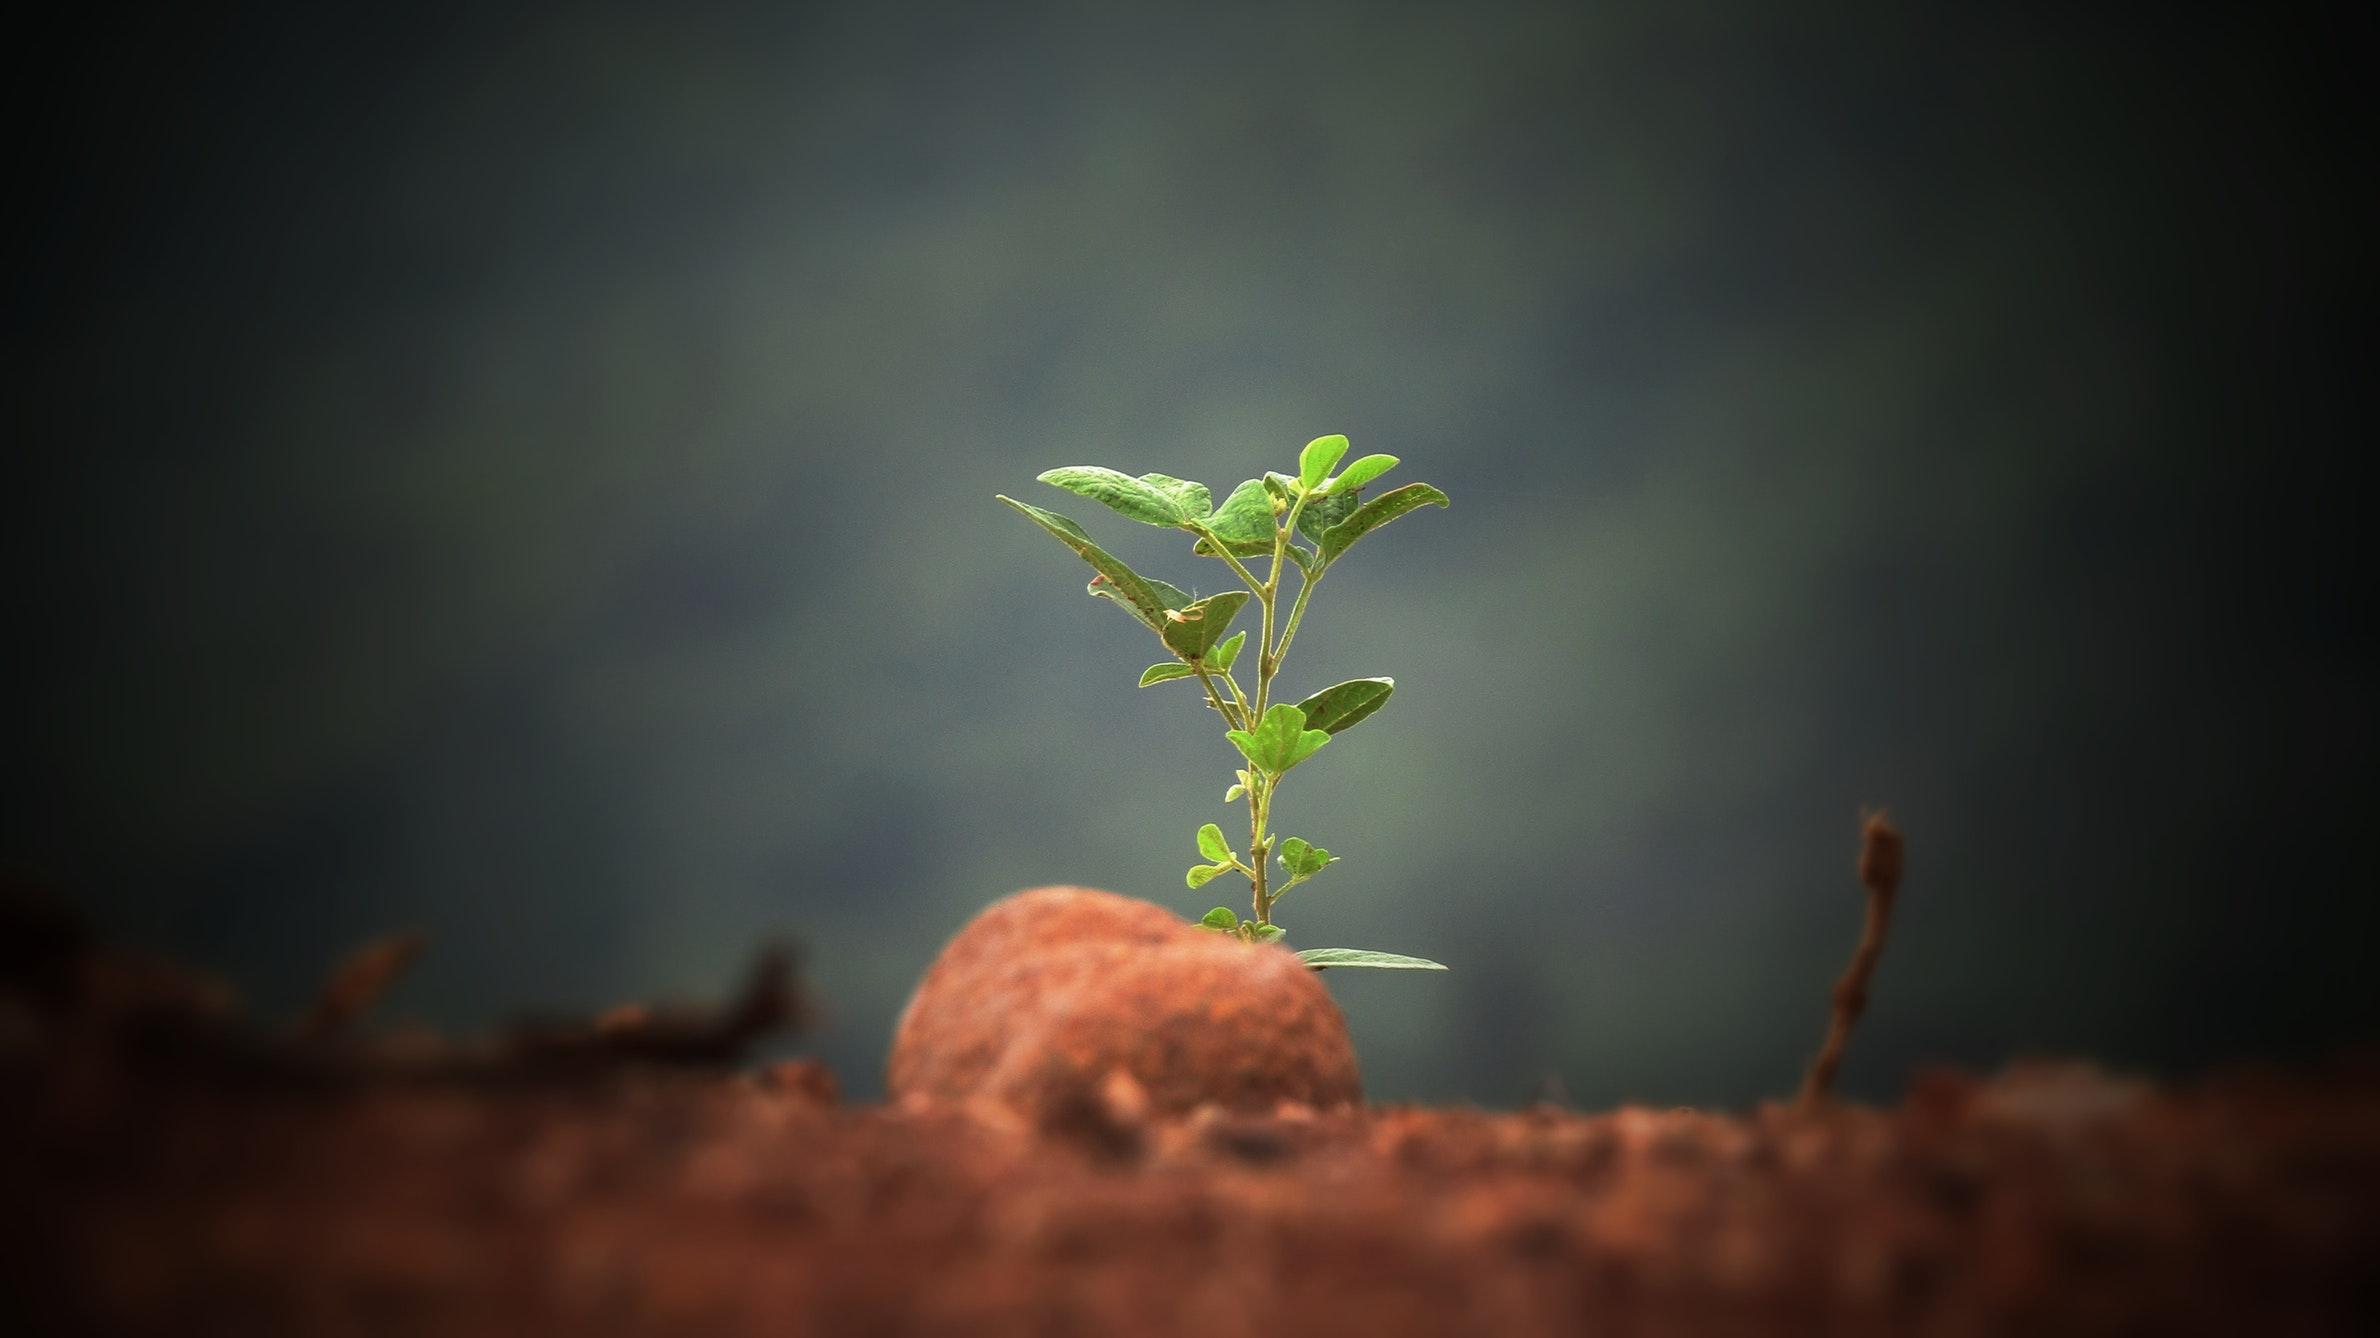 Una de las funciones de la lluvia es vivificar una tierra 'muerta' a través de las partículas fertilizantes procedentes de la evaporación del mar, algo que es mencionado en el Corán